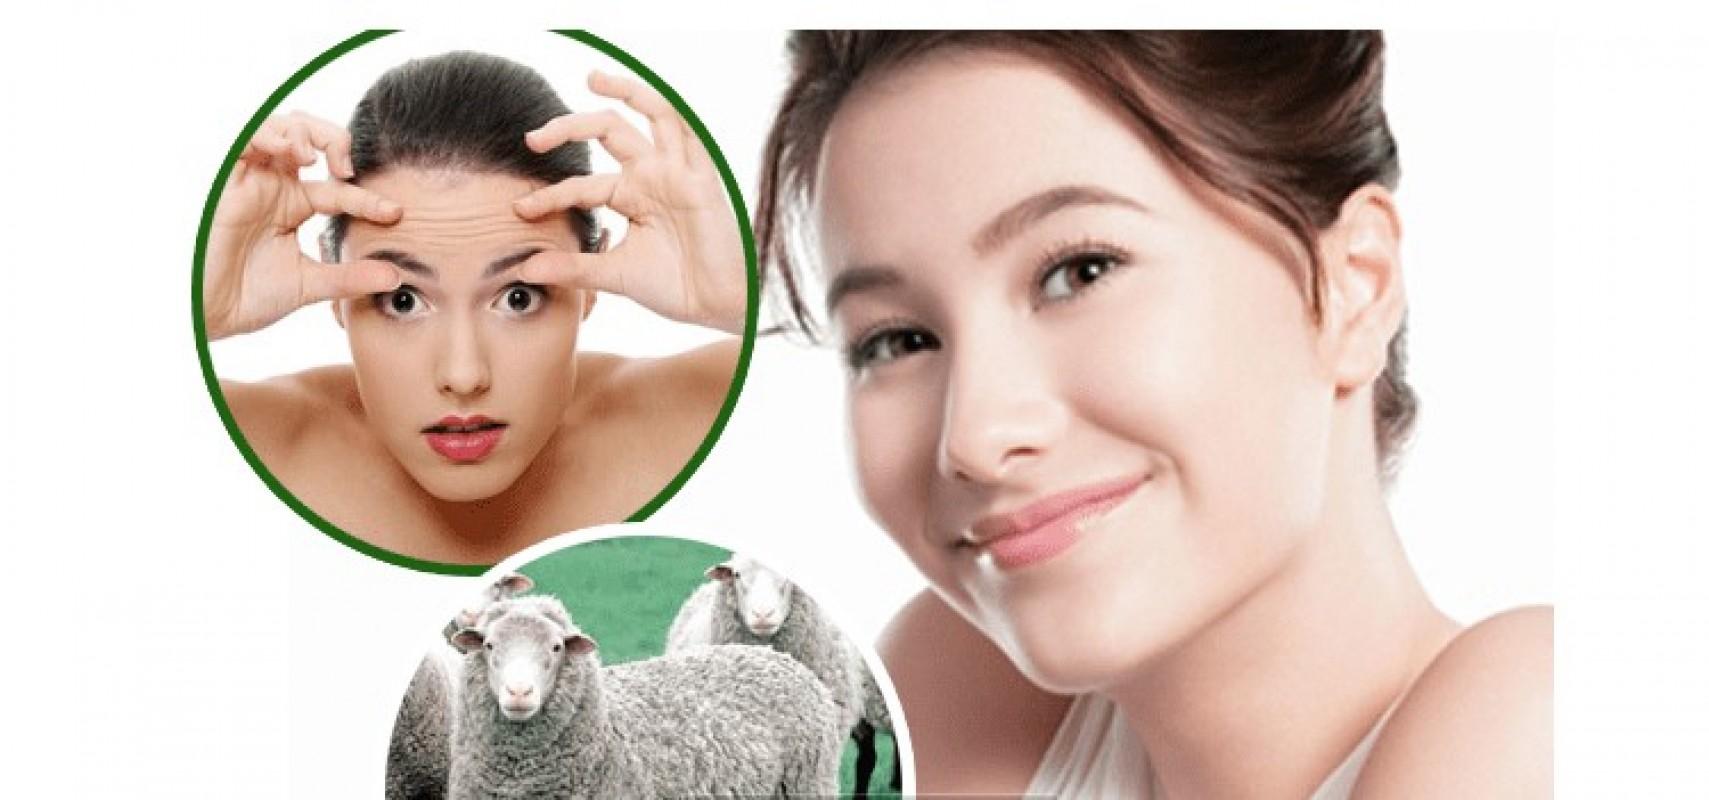 Viên Uống Nhau Thai Cừu Có Tác Dụng Gì? Bị U Xơ Có Nên Uống Nhau Thai Cừu Không?